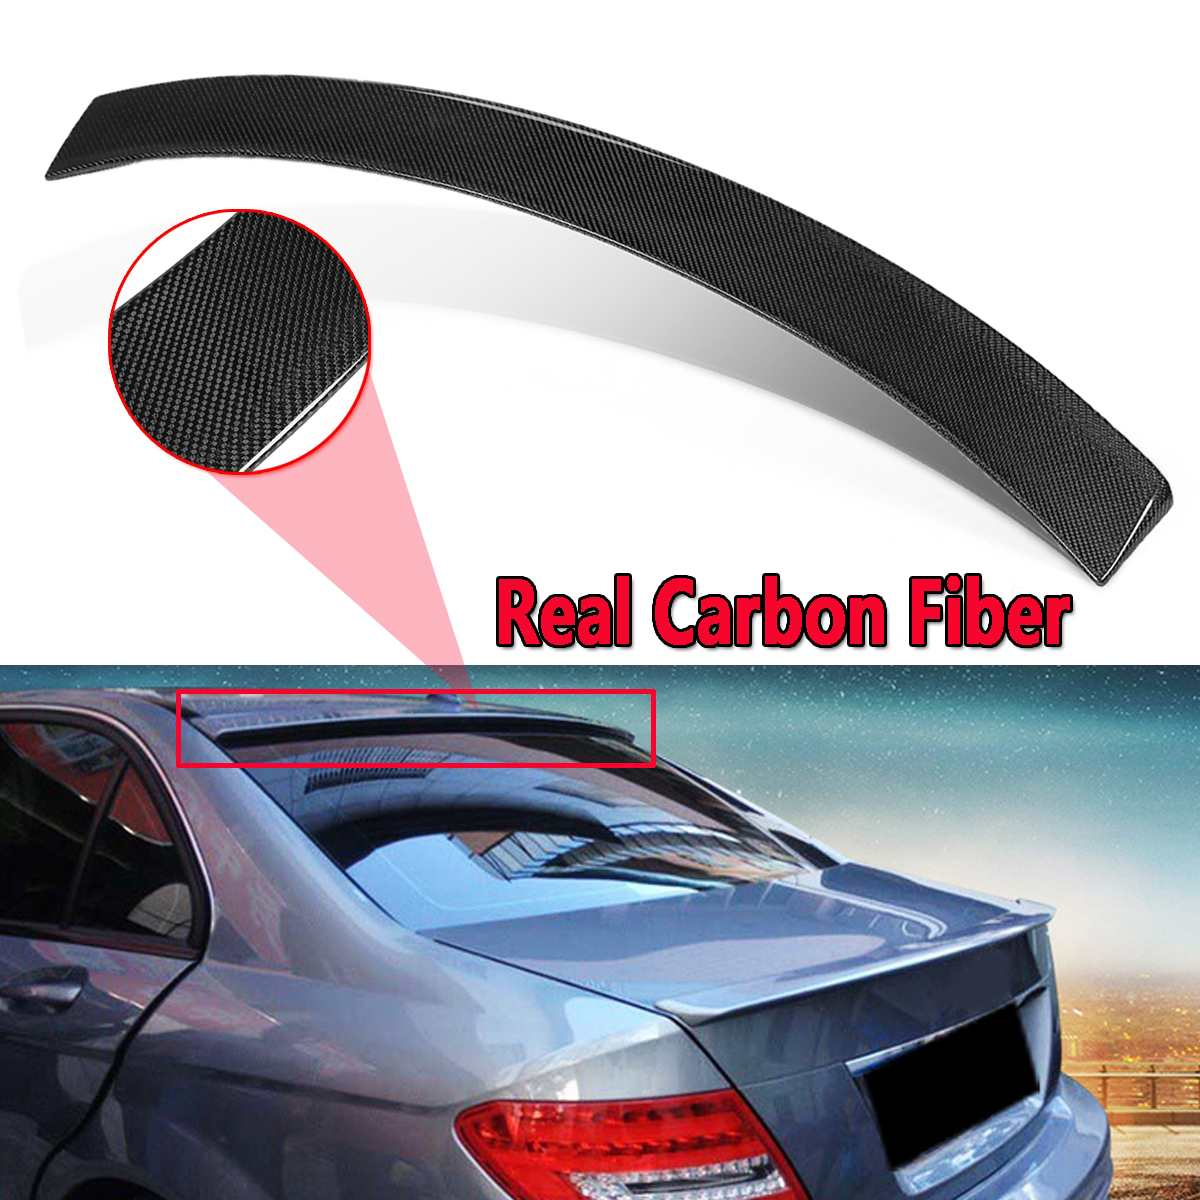 Auto Real Carbon Fiber Dakspoiler Deksel Voor Mercedes-benz W204 C Klasse Sedan 2008-2014 Achtervleugel Spoiler Kofferbak Dak Wing Complete Reeks Artikelen